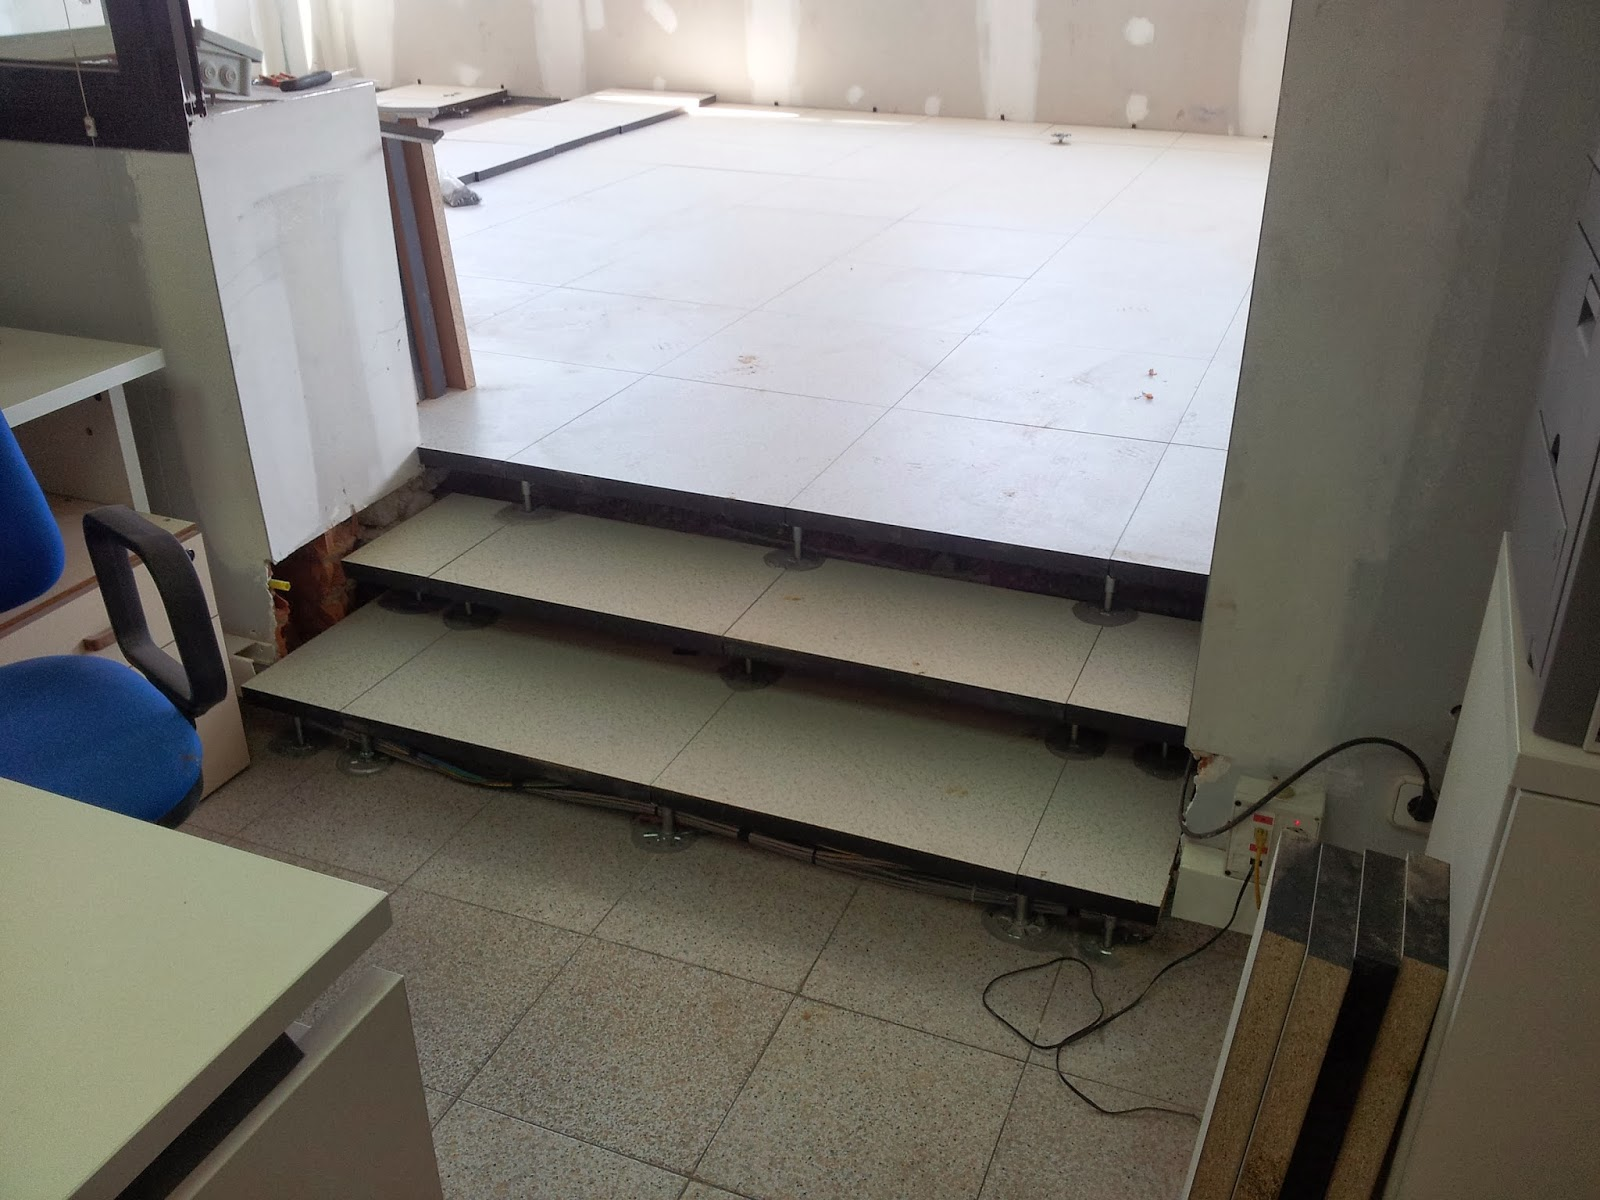 Detalle suelo tecnico detalle instalacin estuco sobre - Suelo tecnico madera ...